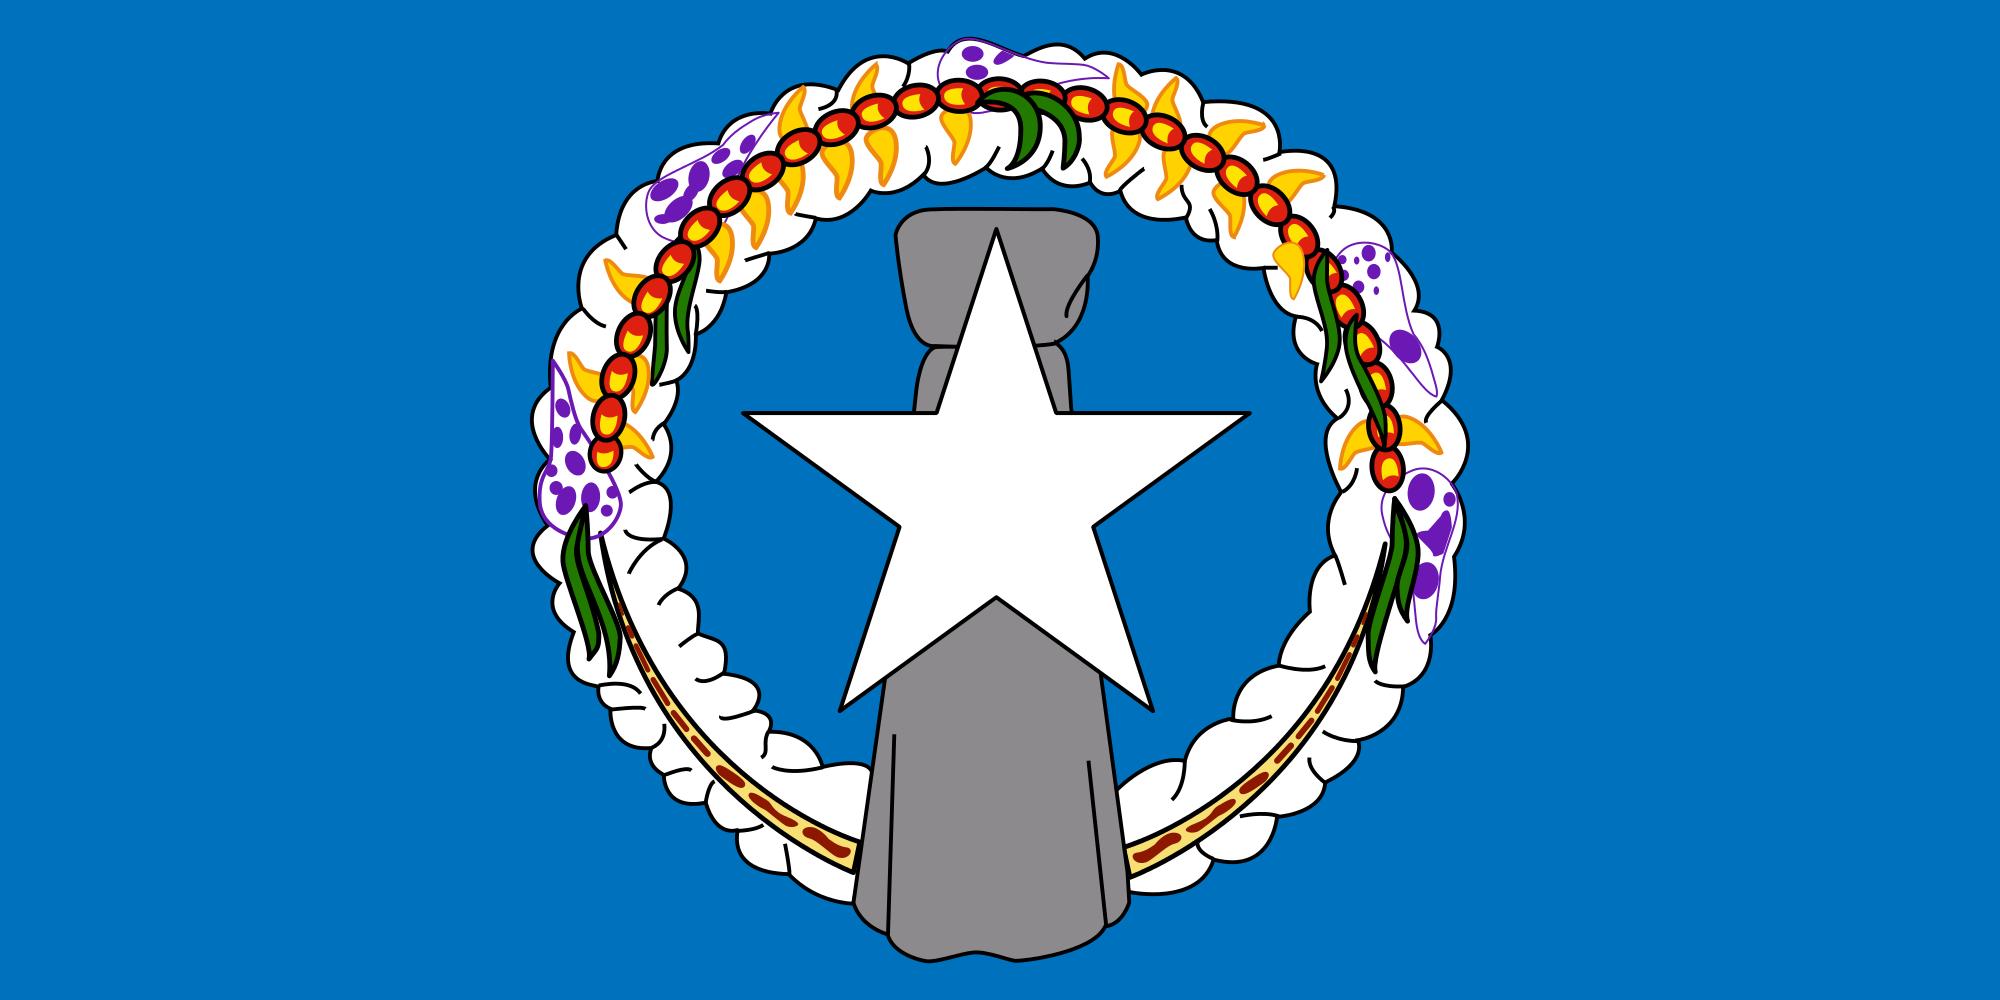 islas marianas del norte, país, emblema, insignia, символ - Обои HD - Профессор falken.com